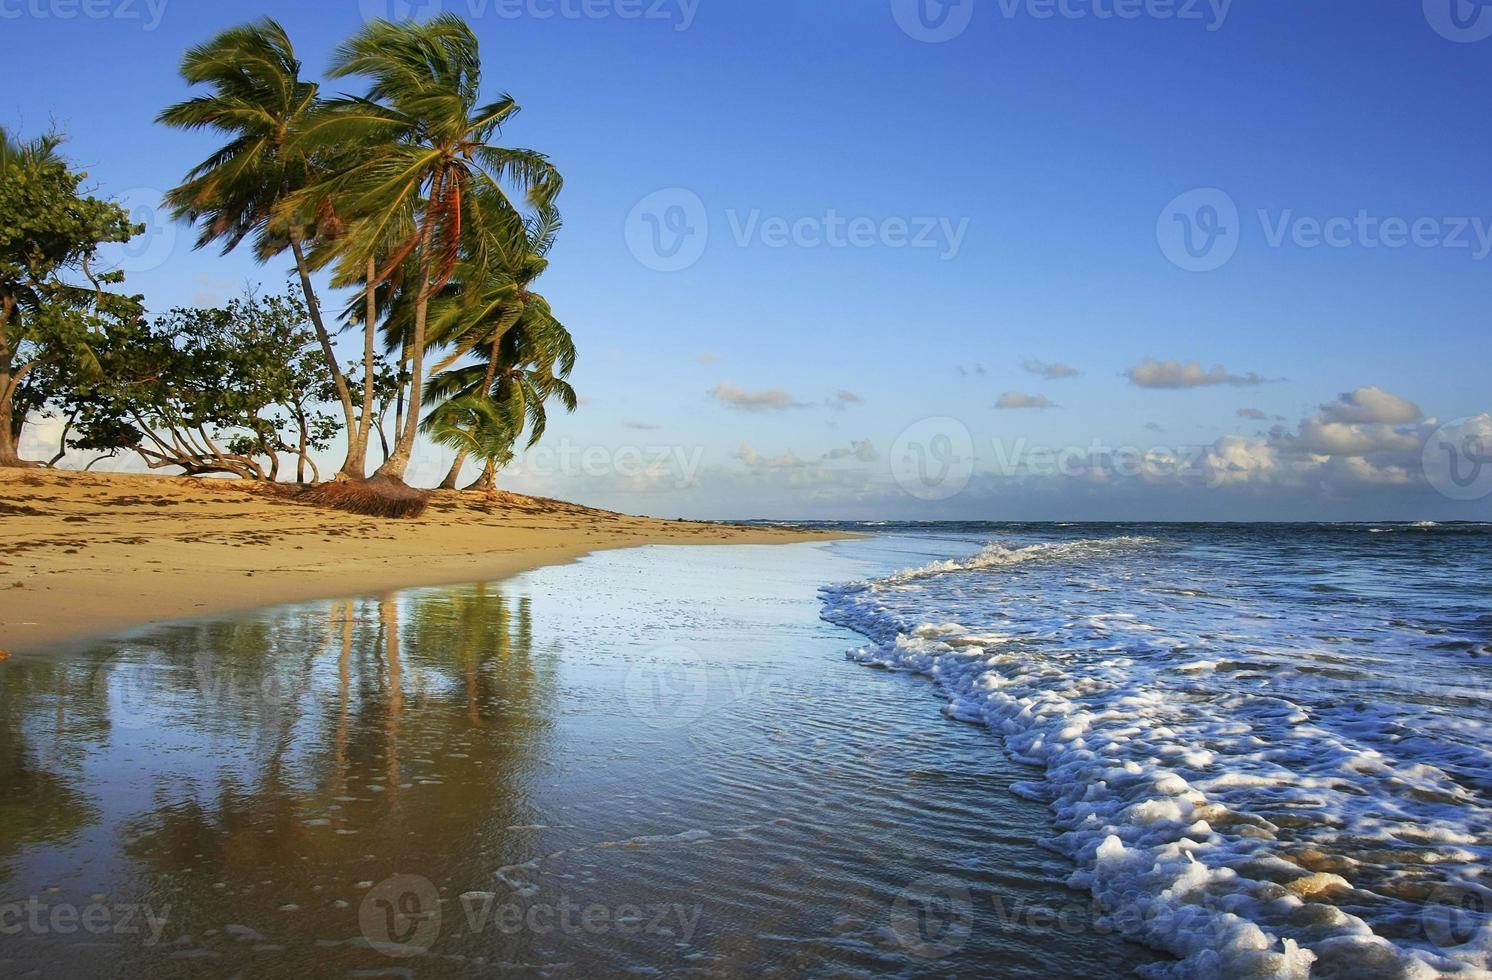 playa las terrenas, península de samaná foto